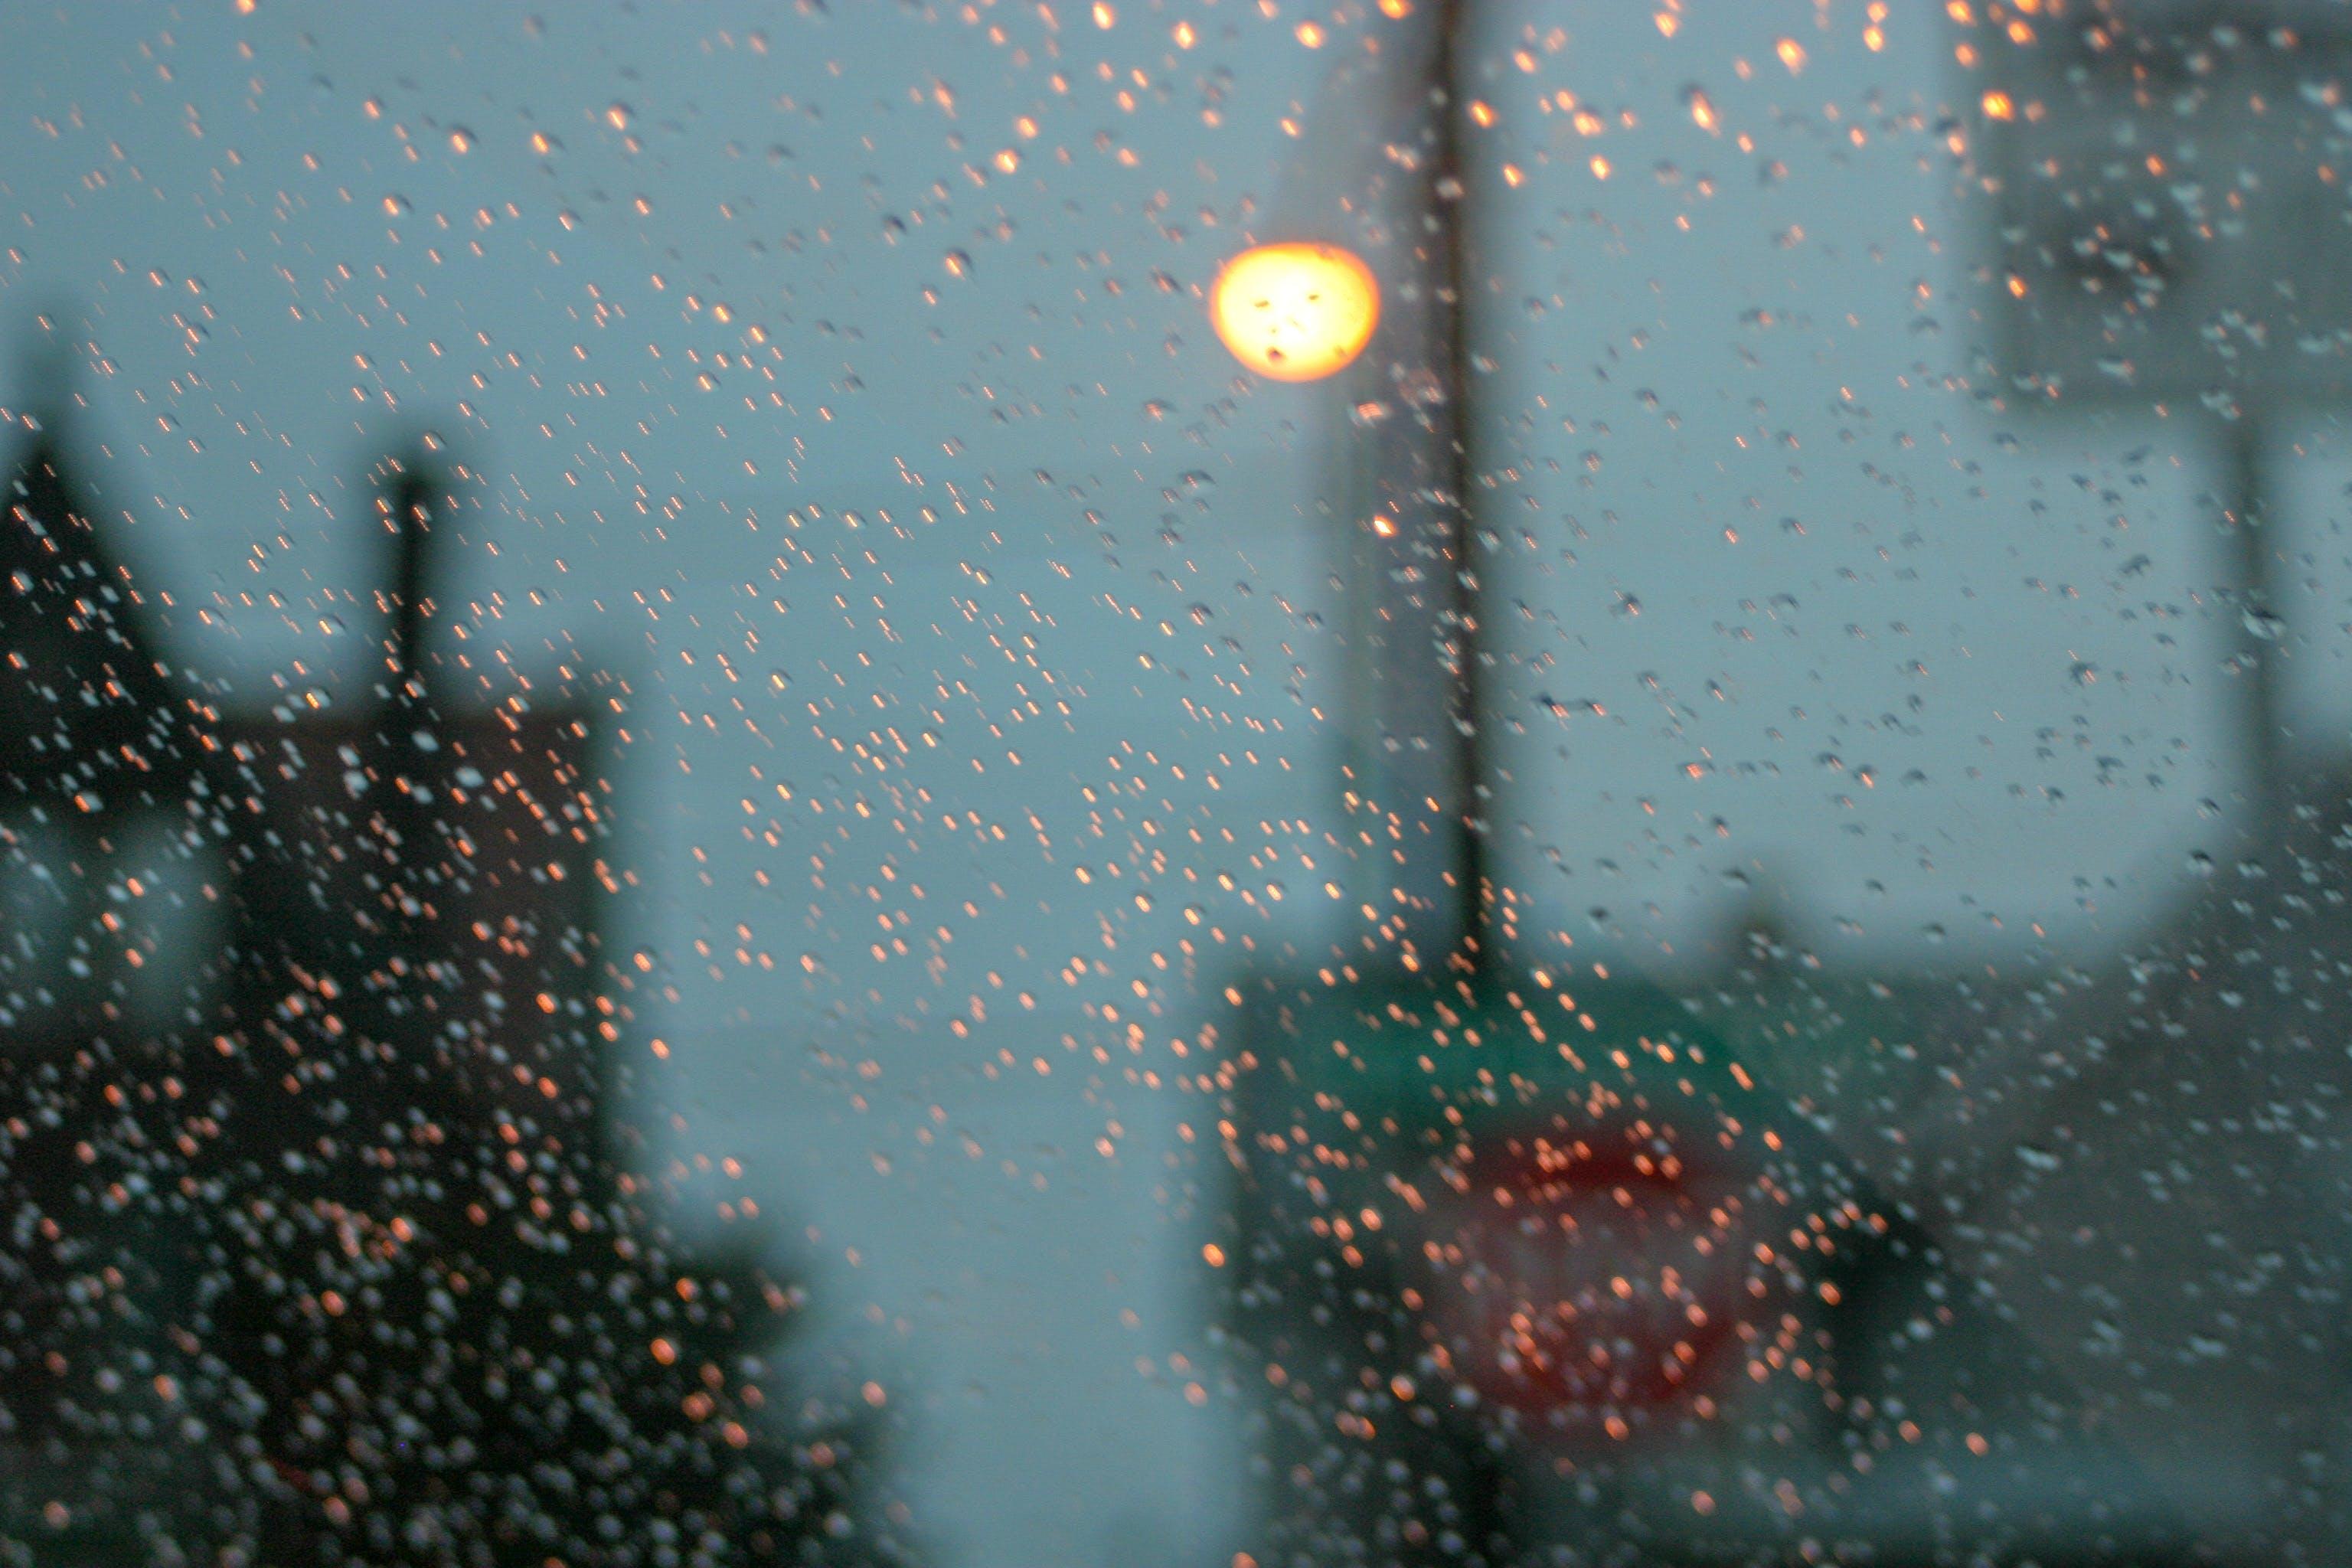 Kostenloses Stock Foto zu abstarkt, beleuchtung, nacht, regen